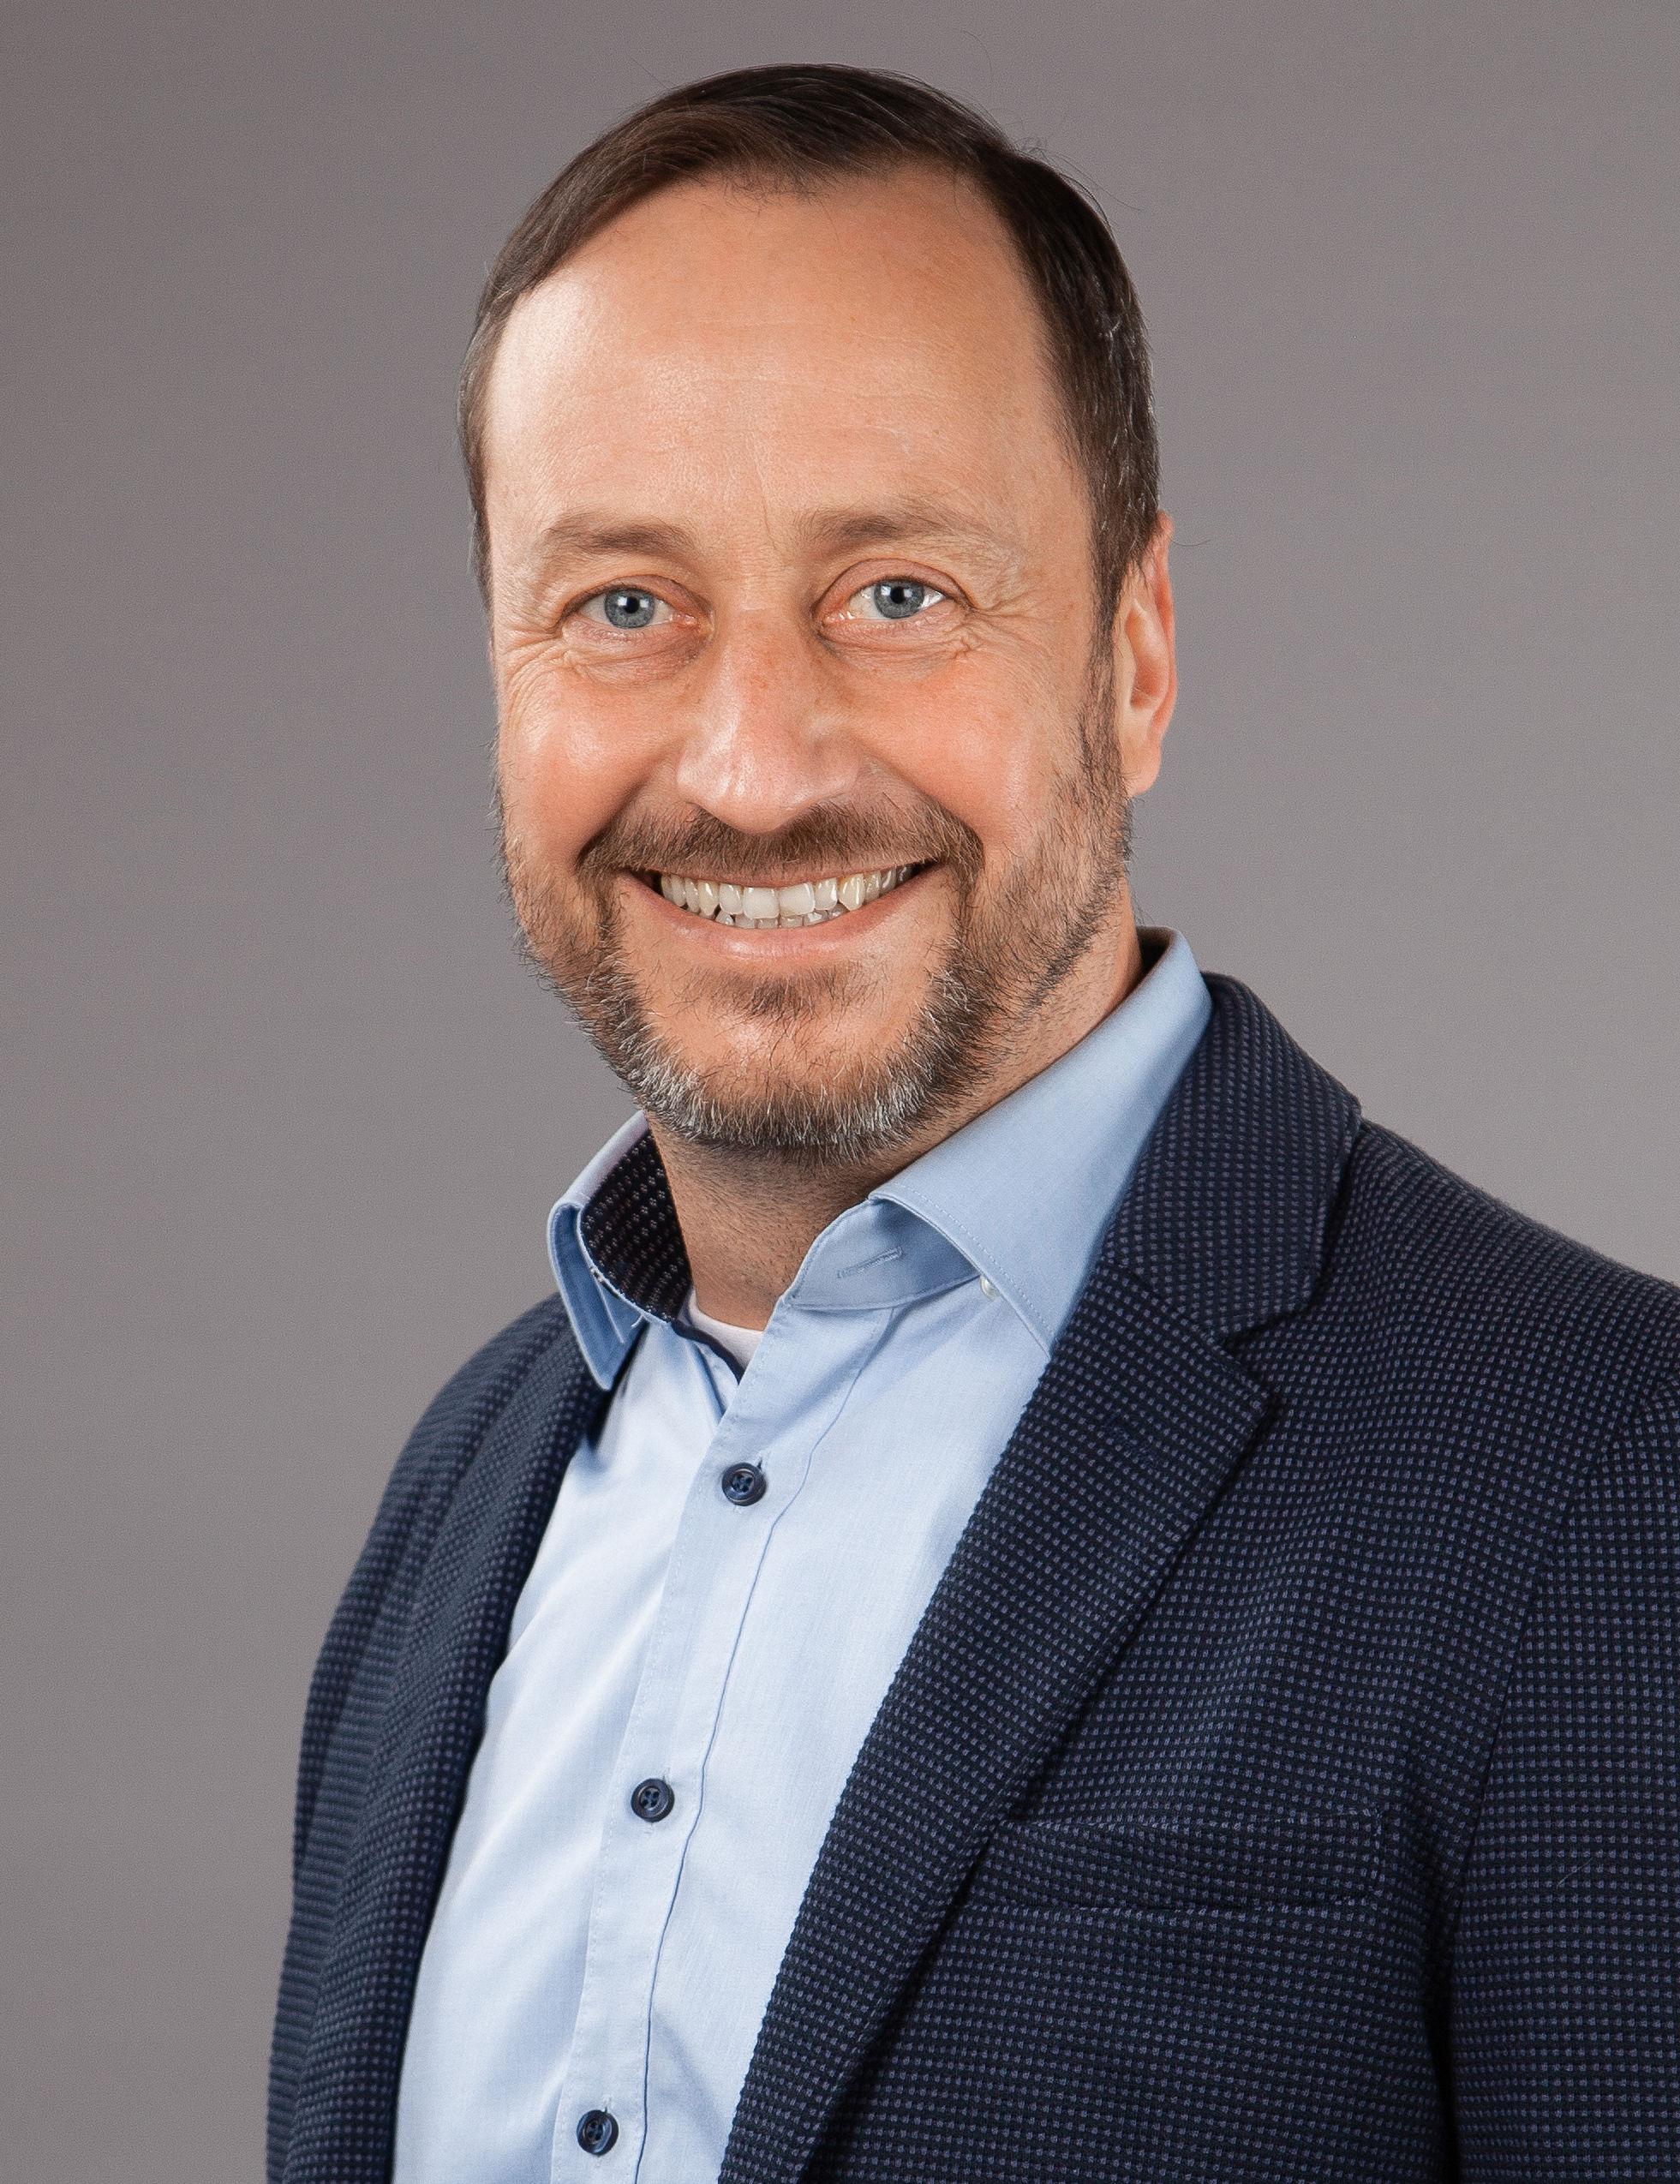 Stefan Kowitz